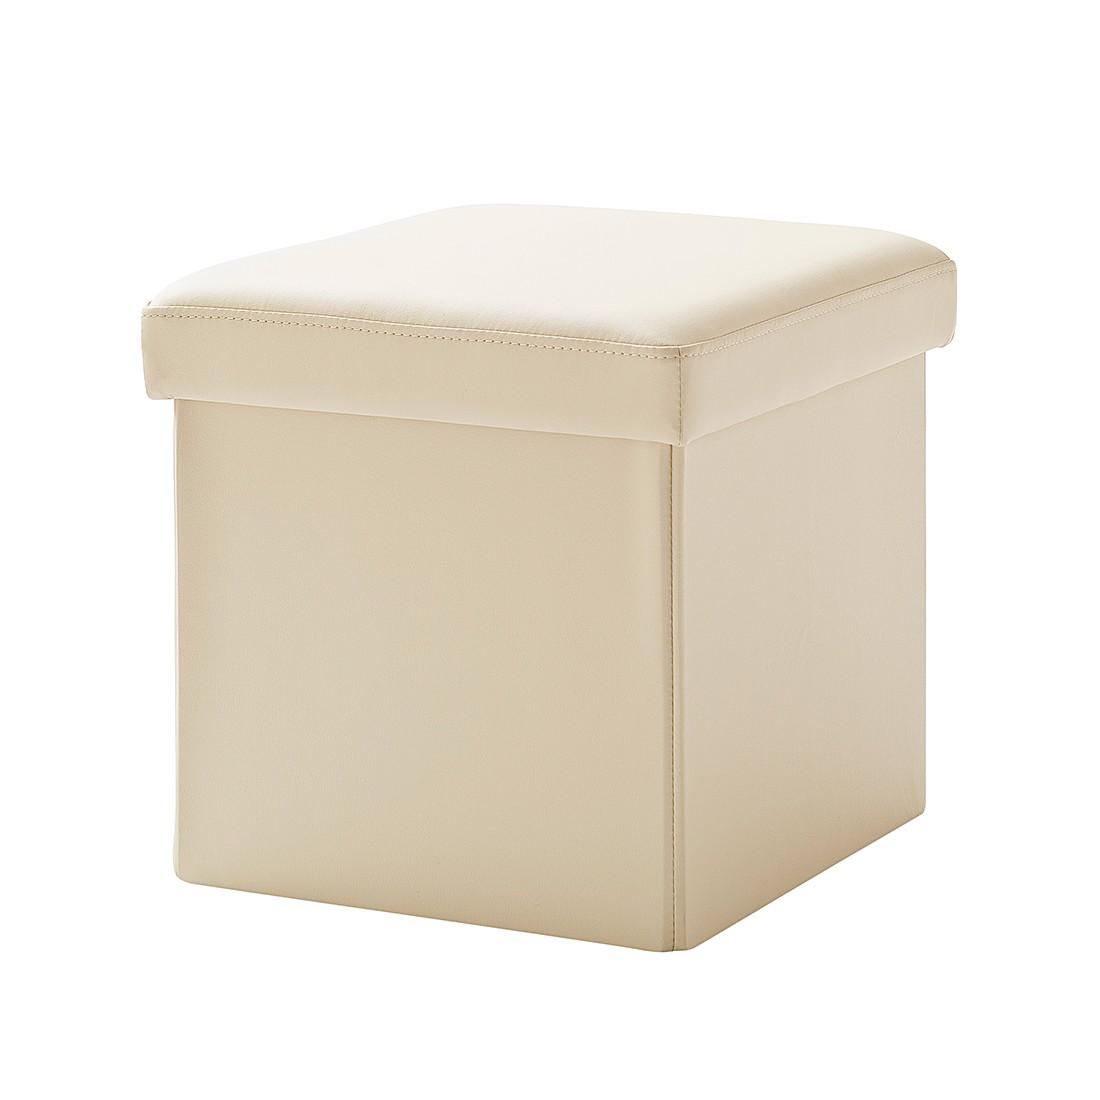 Gestoffeerde zitkubus Cube (met deksel) - kunstleer - beige, meise möbel